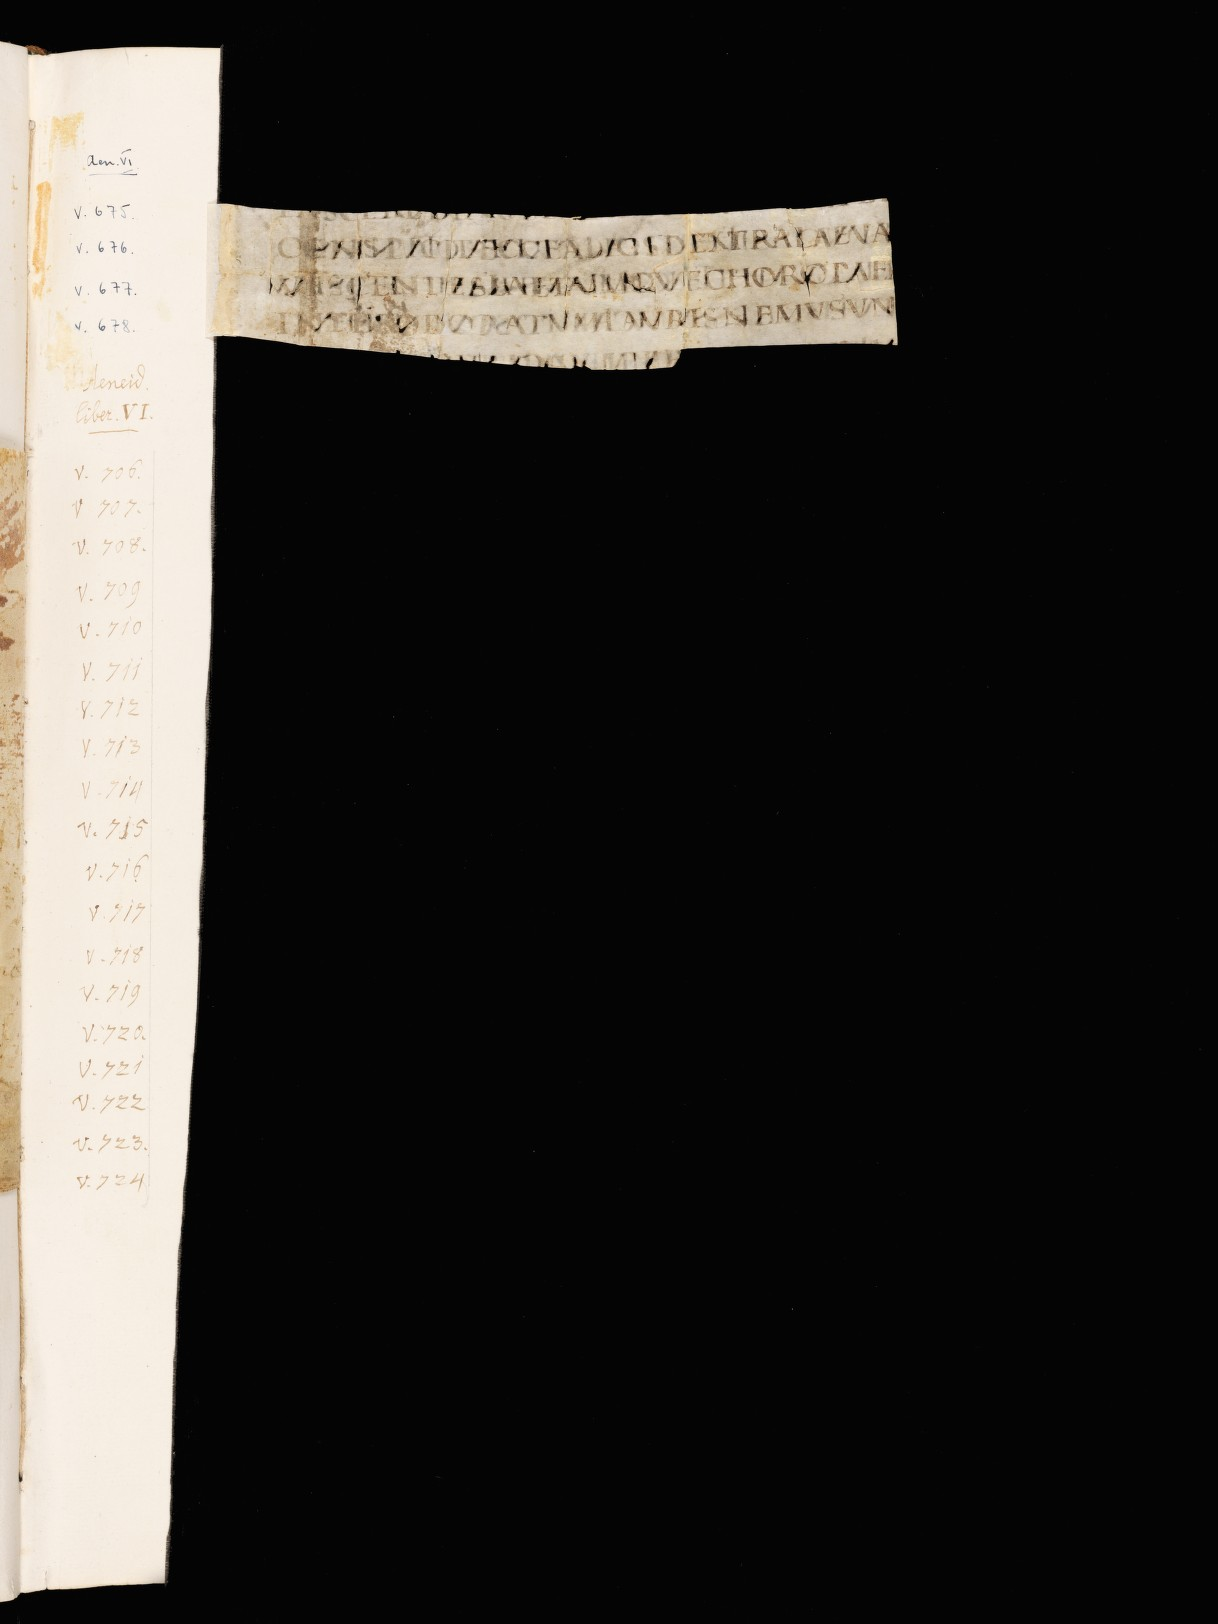 Cod. Sang. 1394, p. 32a